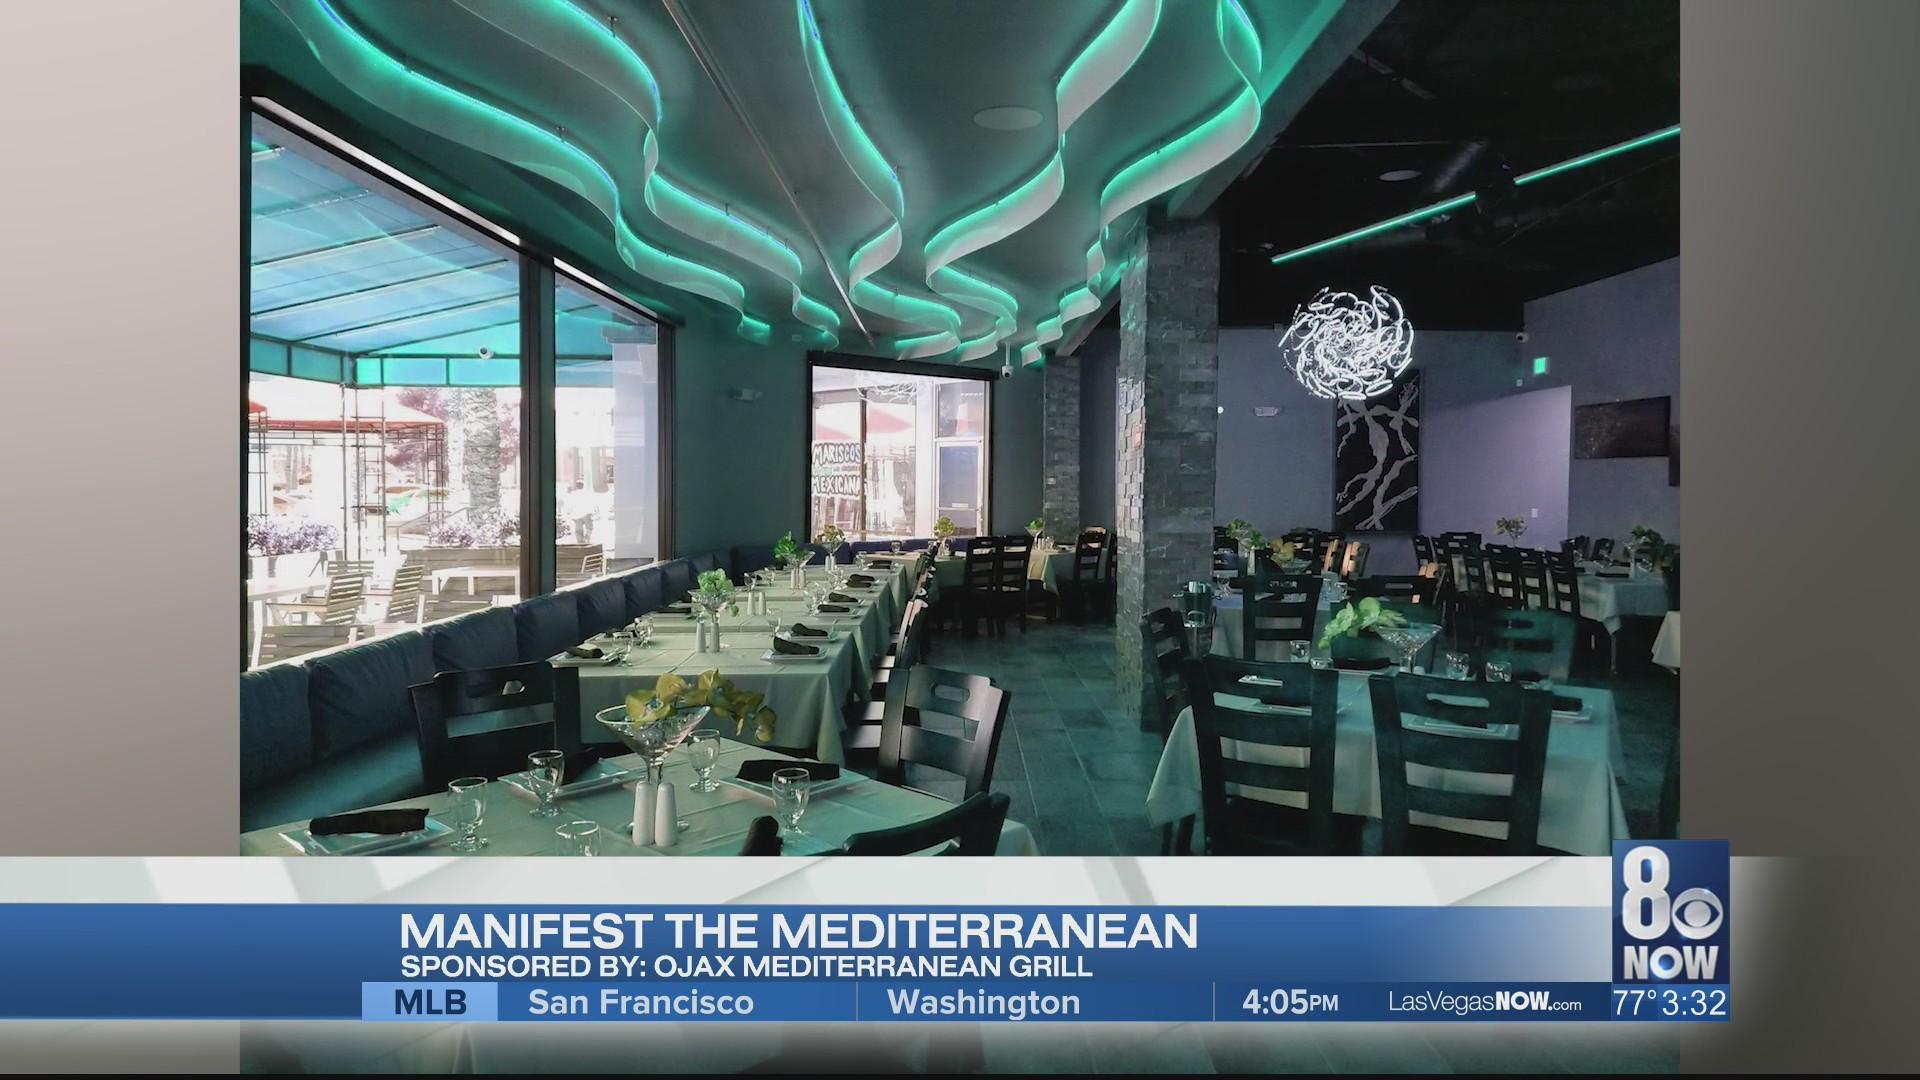 Manifest the Mediterranean with Ojax Mediterranean Grill